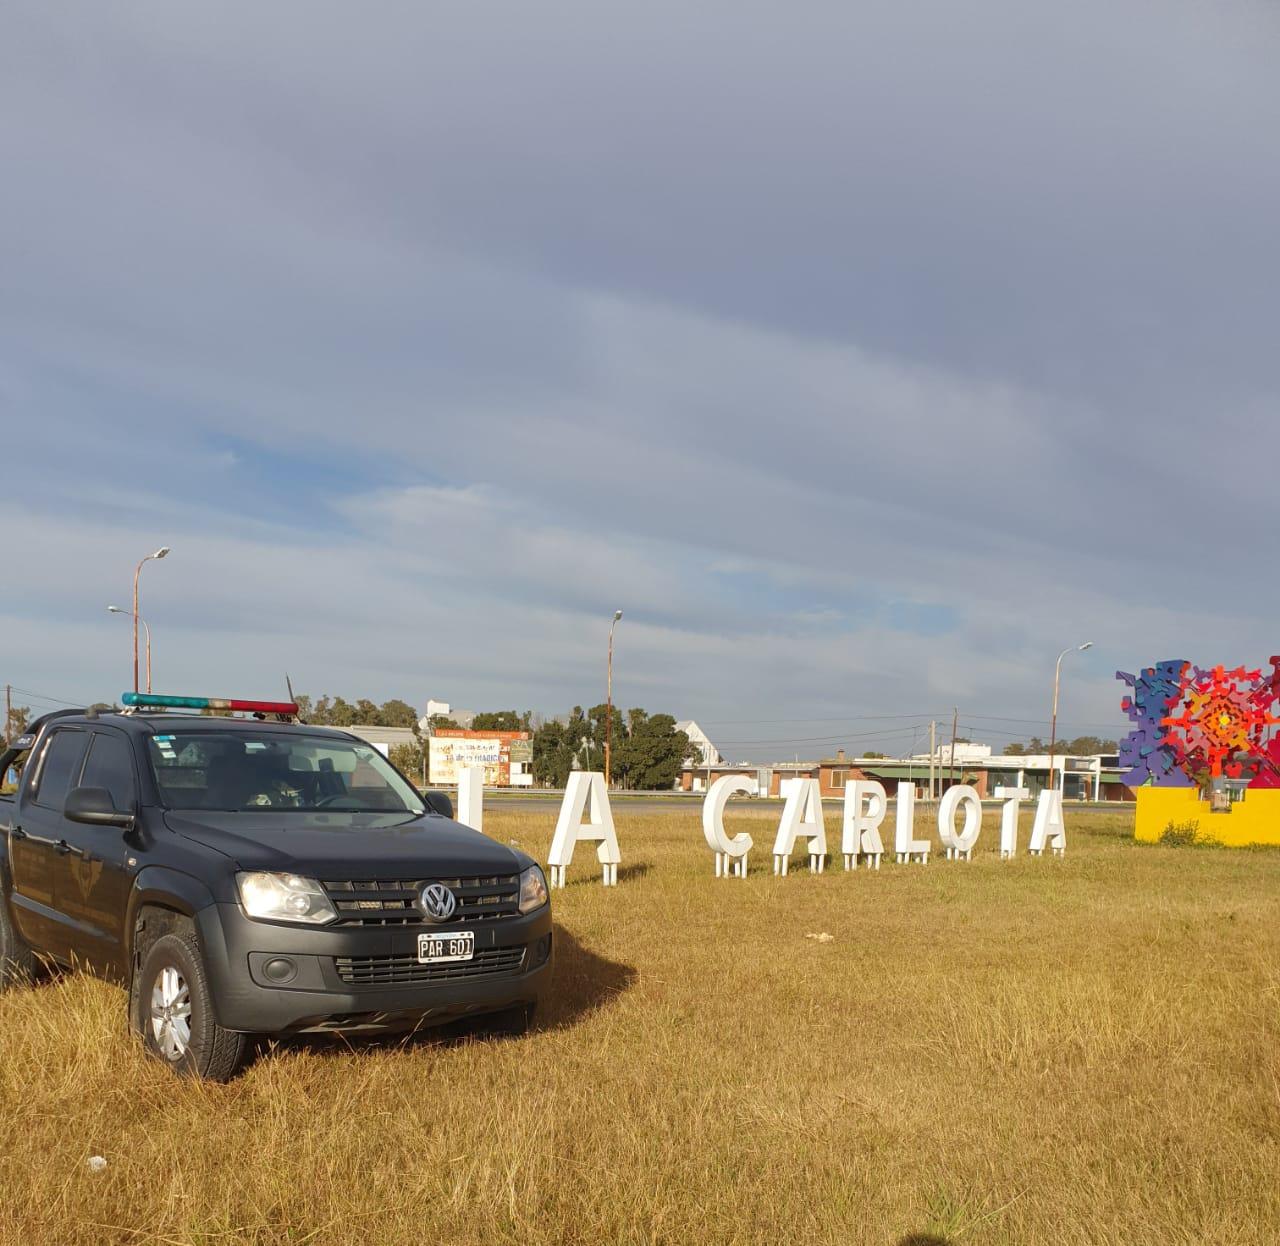 Policía antinarcotráfico realizó controles en La Carlota y otras localidades del sudeste provincial